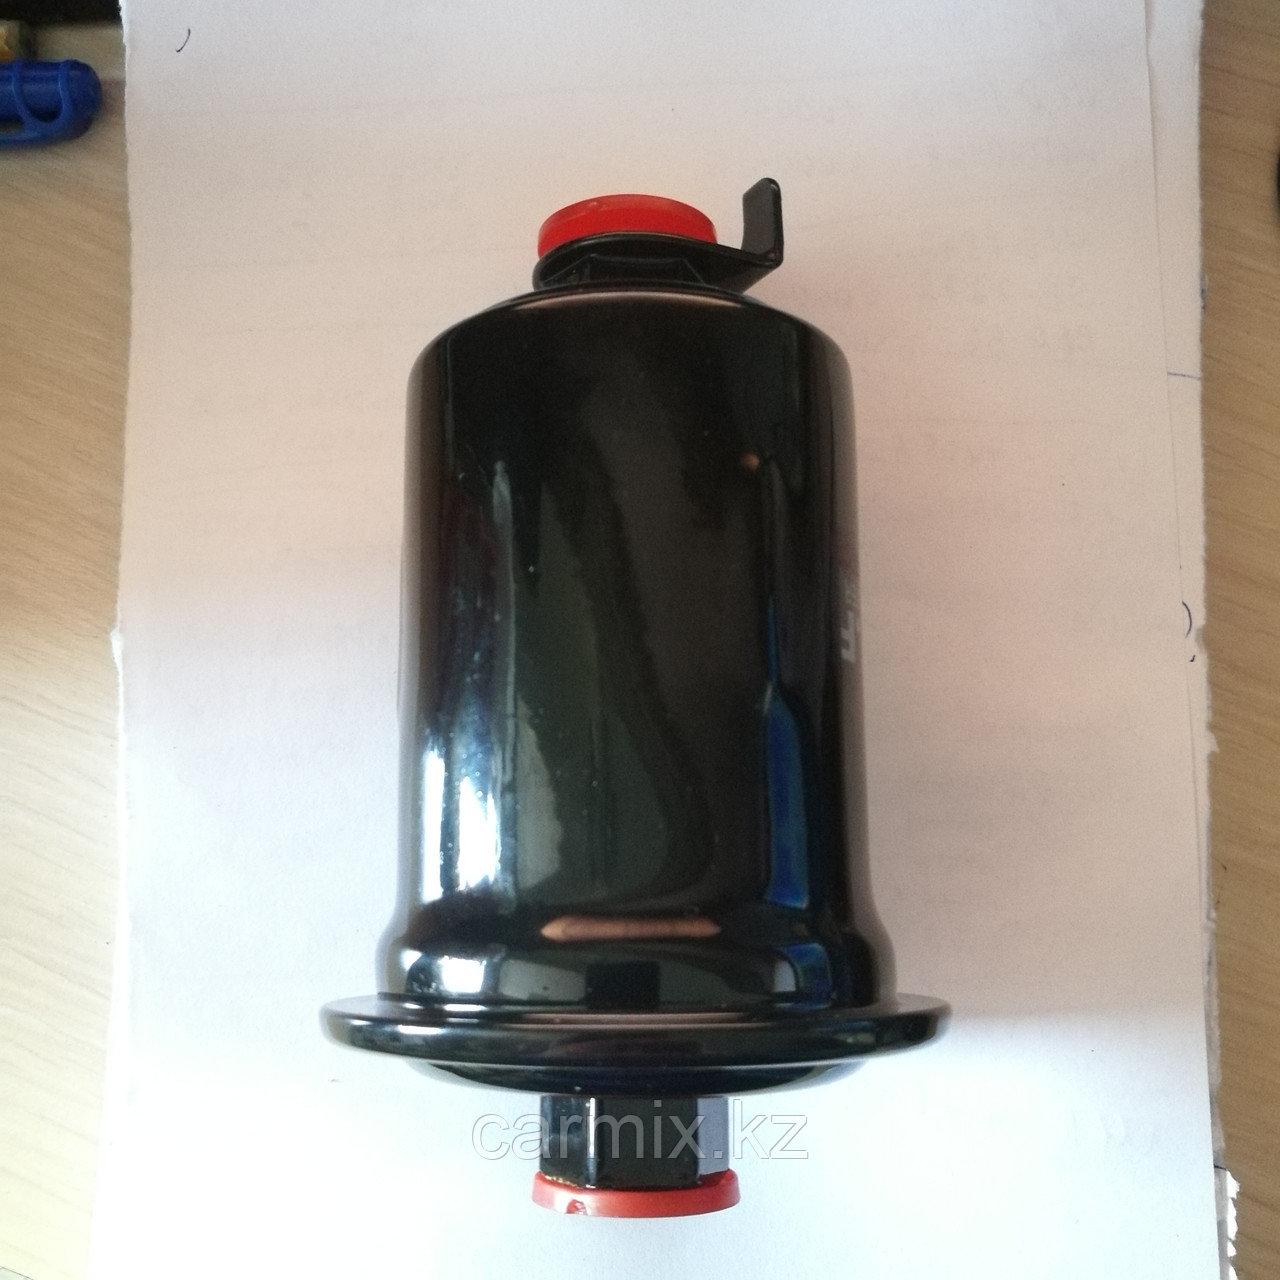 Фильтр топливный CAMRY MCV10, VCV10, WINDOM VCV10